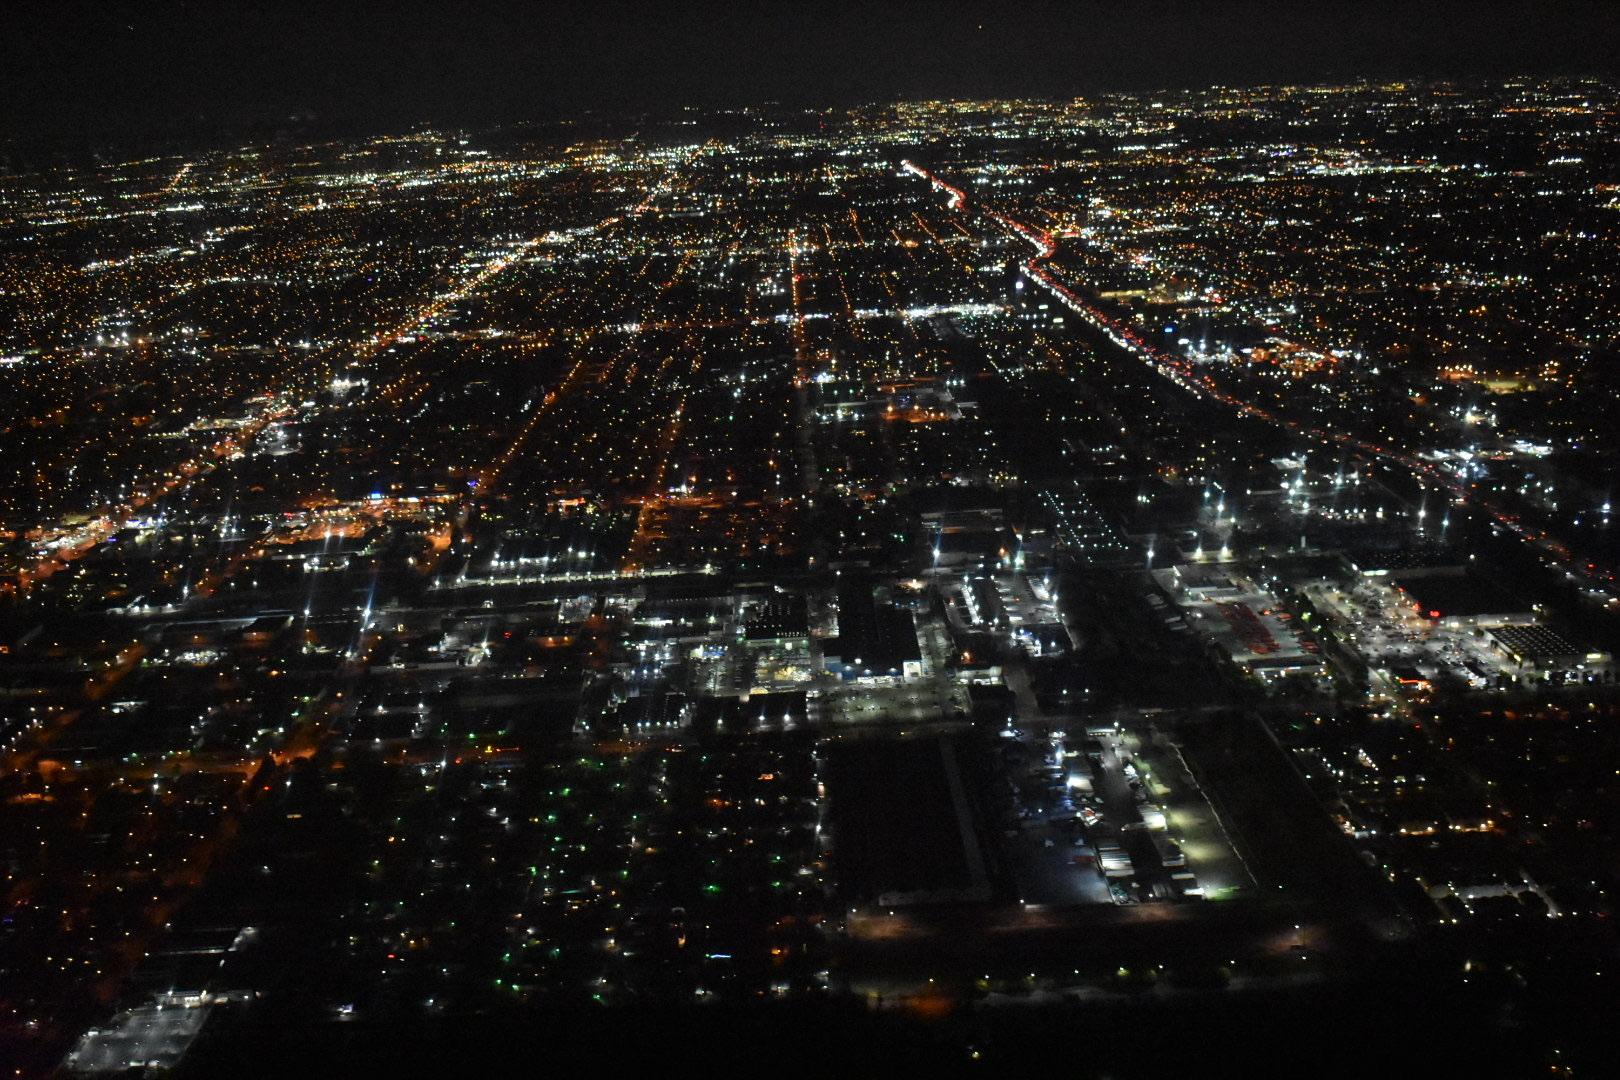 29年前に新婚旅行にて訪れた思い出のクイーンメリー号、またいつか夫婦で訪れたいと願っていた夢が叶いました。クイーンメリー号での素敵なディナーに加え、当日は参加1組だけでセスナ貸切で、空から広大なロサンゼルスの夜景を独り占めでより感動いたしました。 ガイドの山口さんは口コミとおりの愉快で楽しい説明は最高で素晴らしいガイドさんです。ただ夜景をみるだけでは味わえない120%の感動が味わえました。